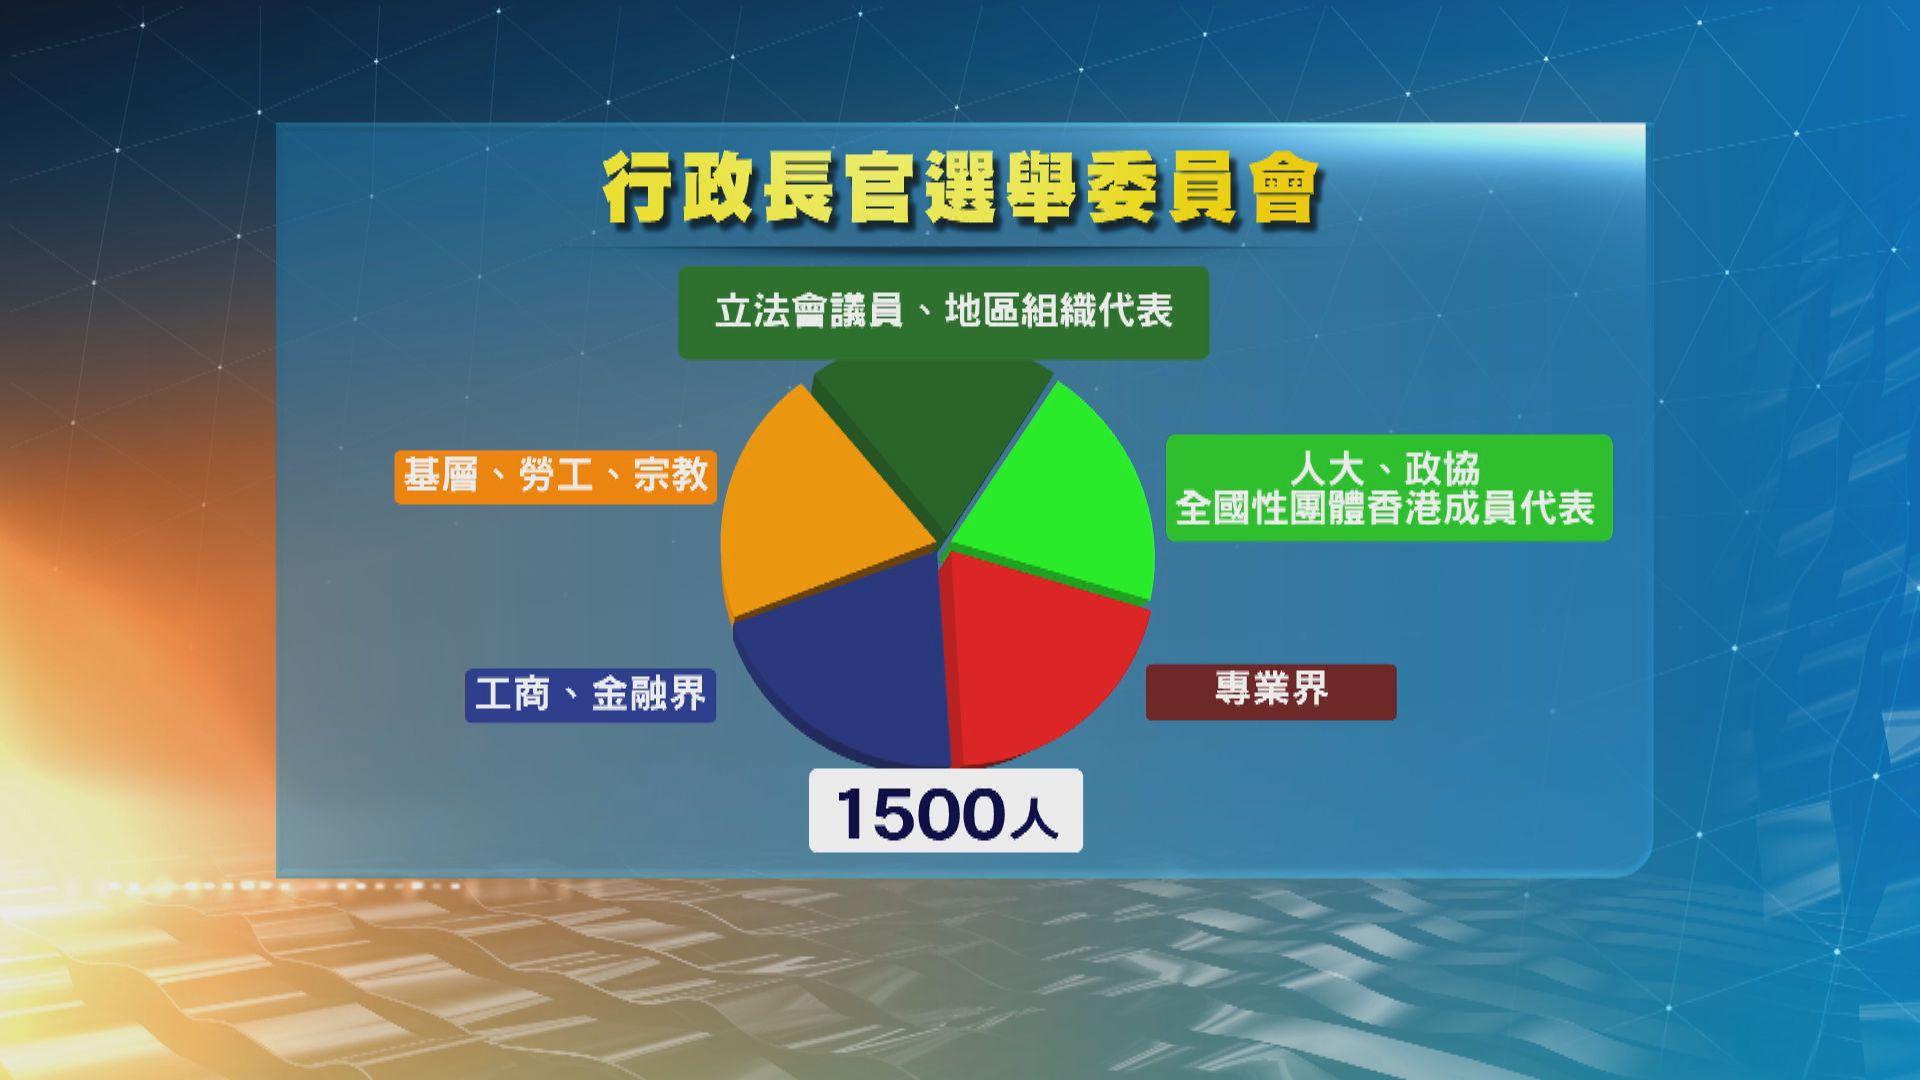 人大決定:選委會增至千五人 參選特首須獲五界別各15個提名